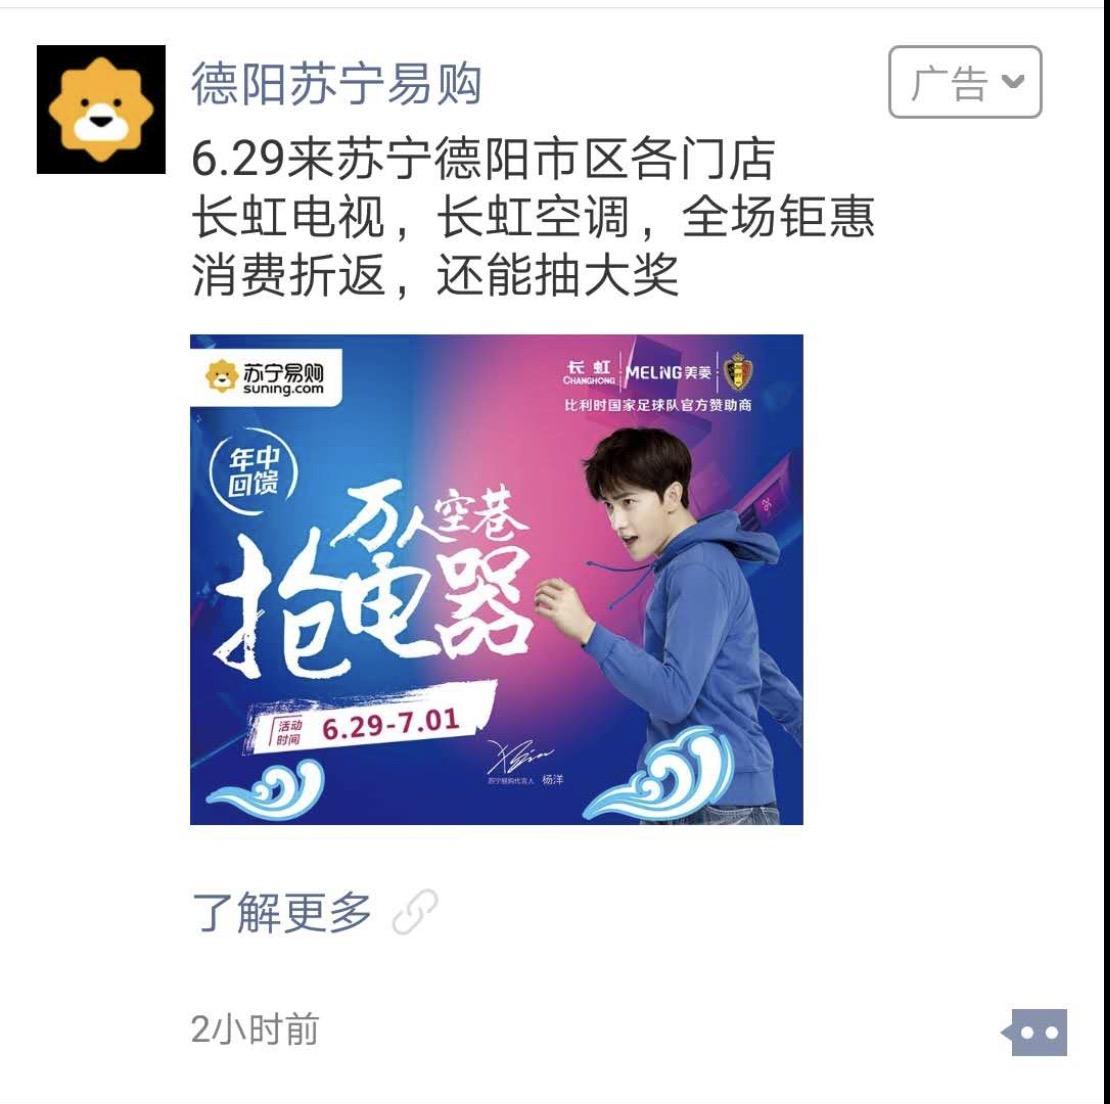 德阳市微信朋友圈广告